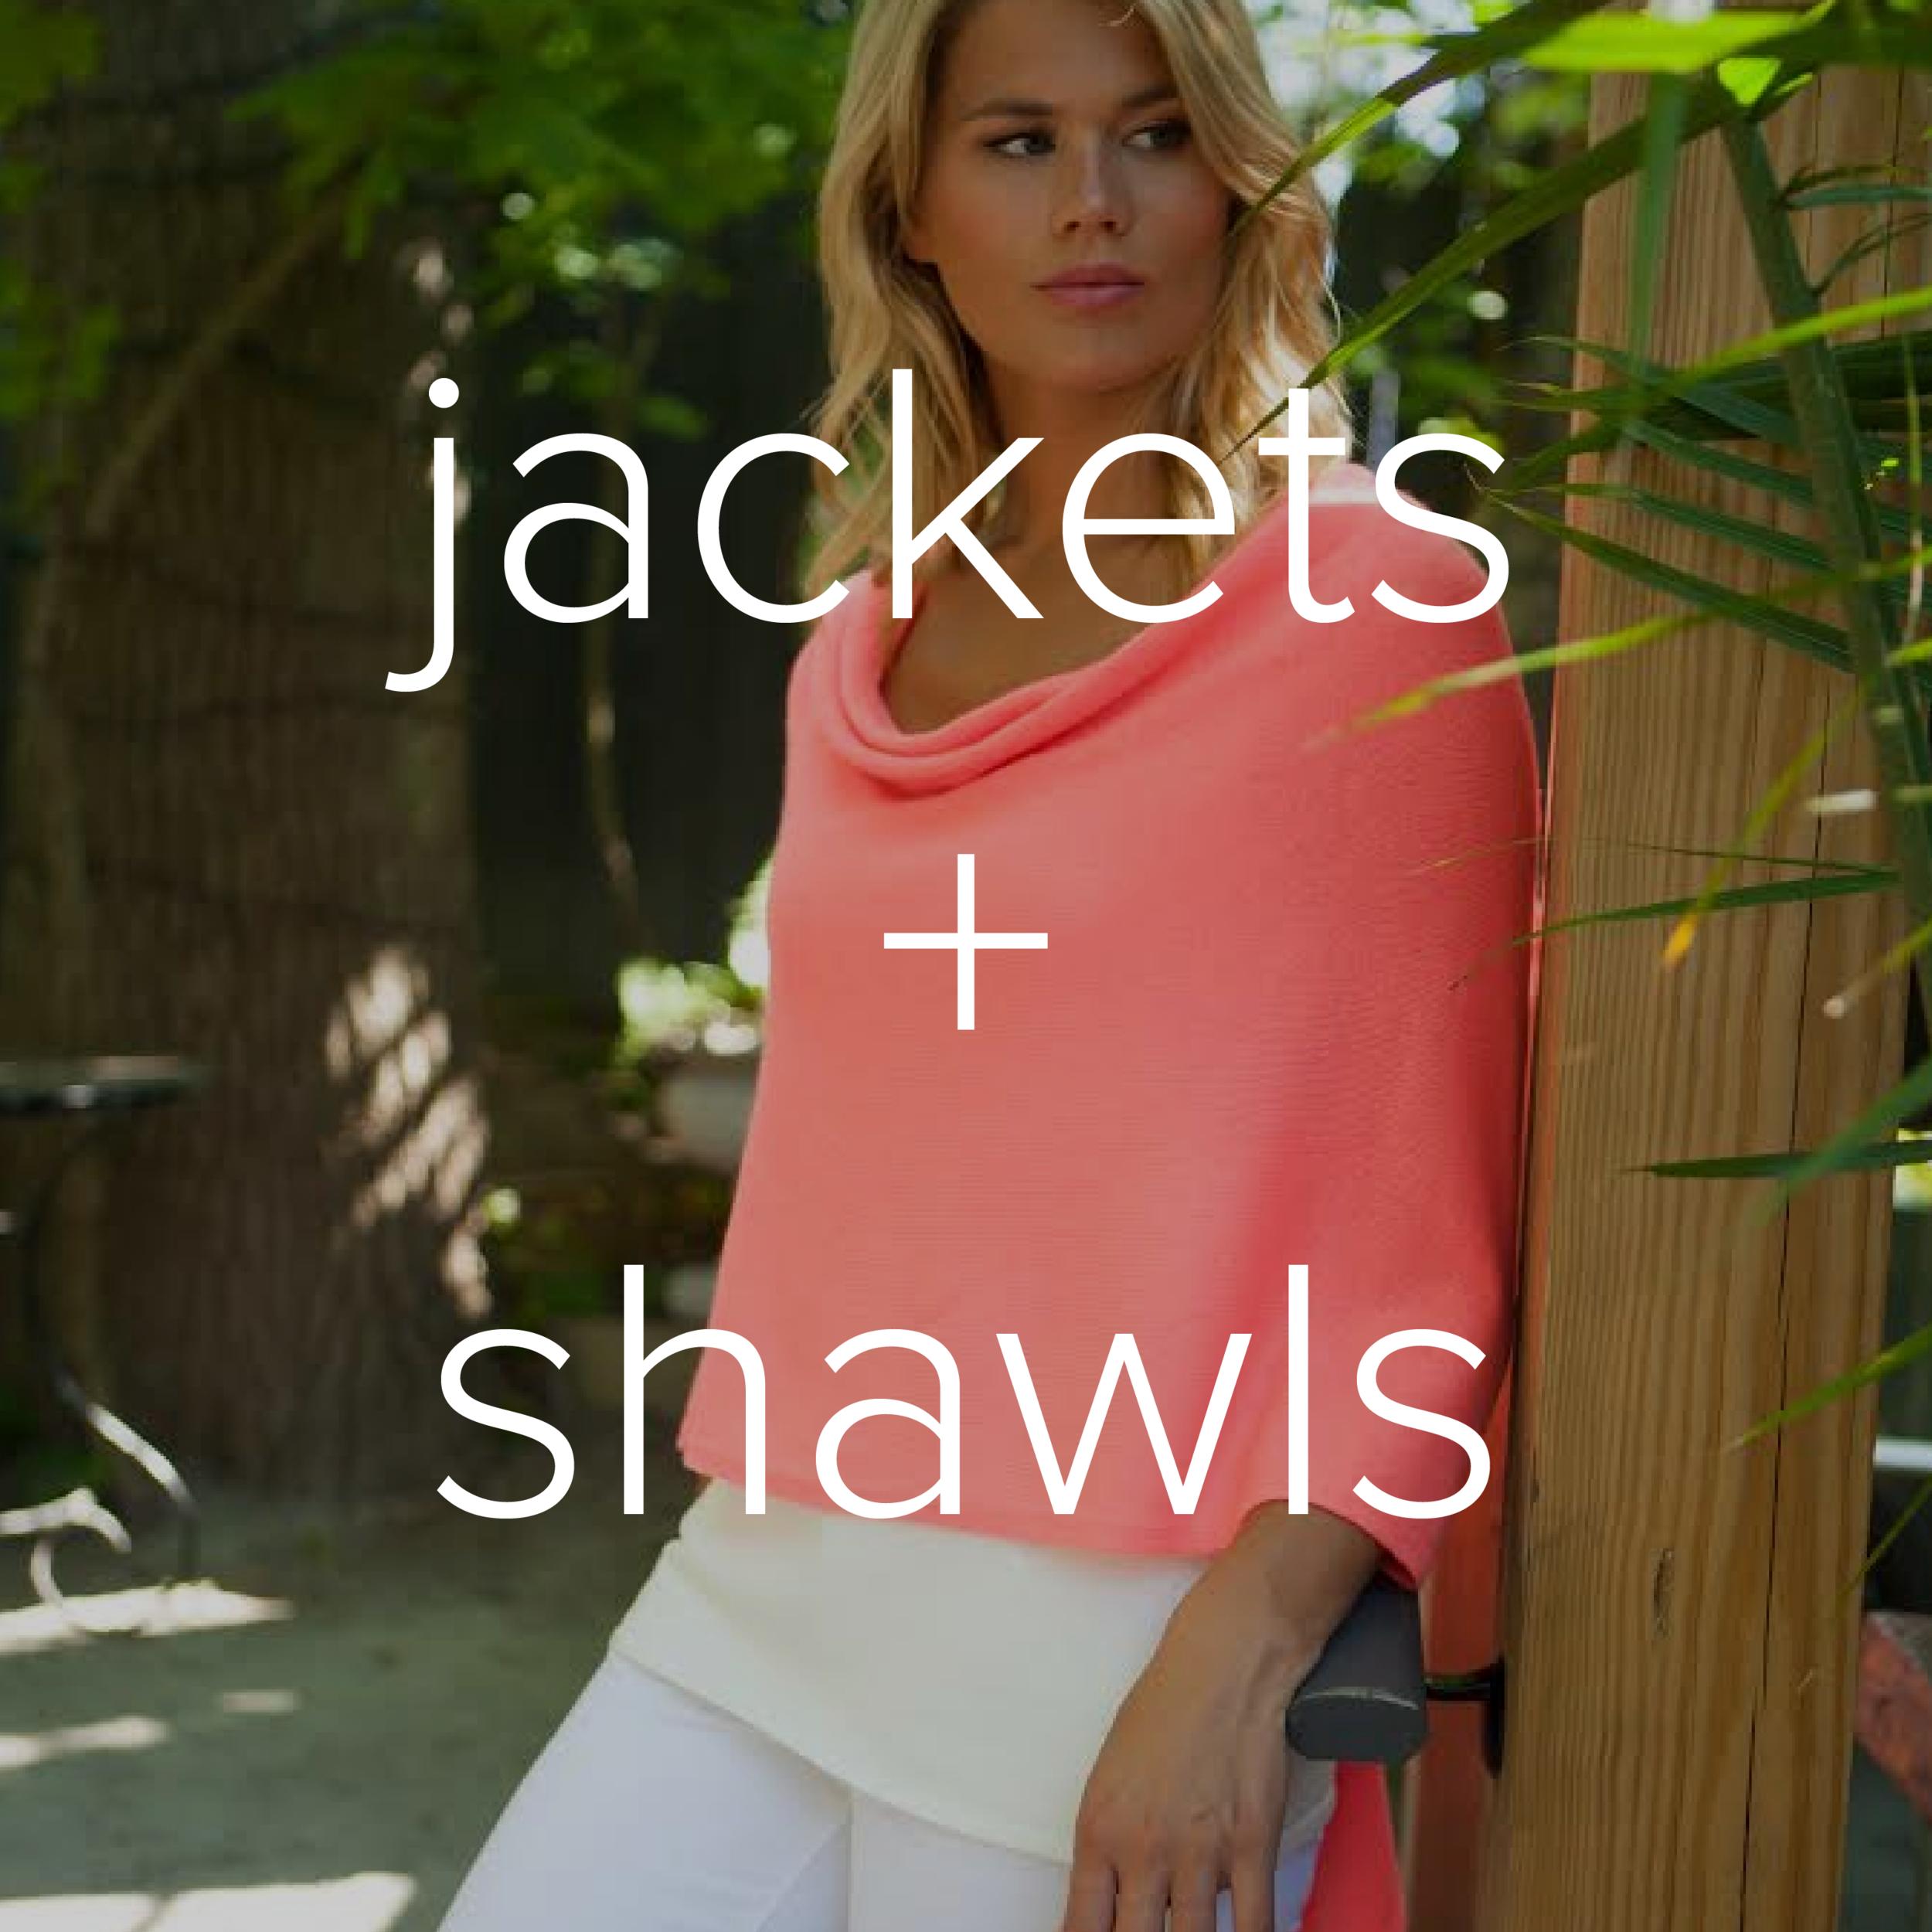 jackets + shawls-01.png